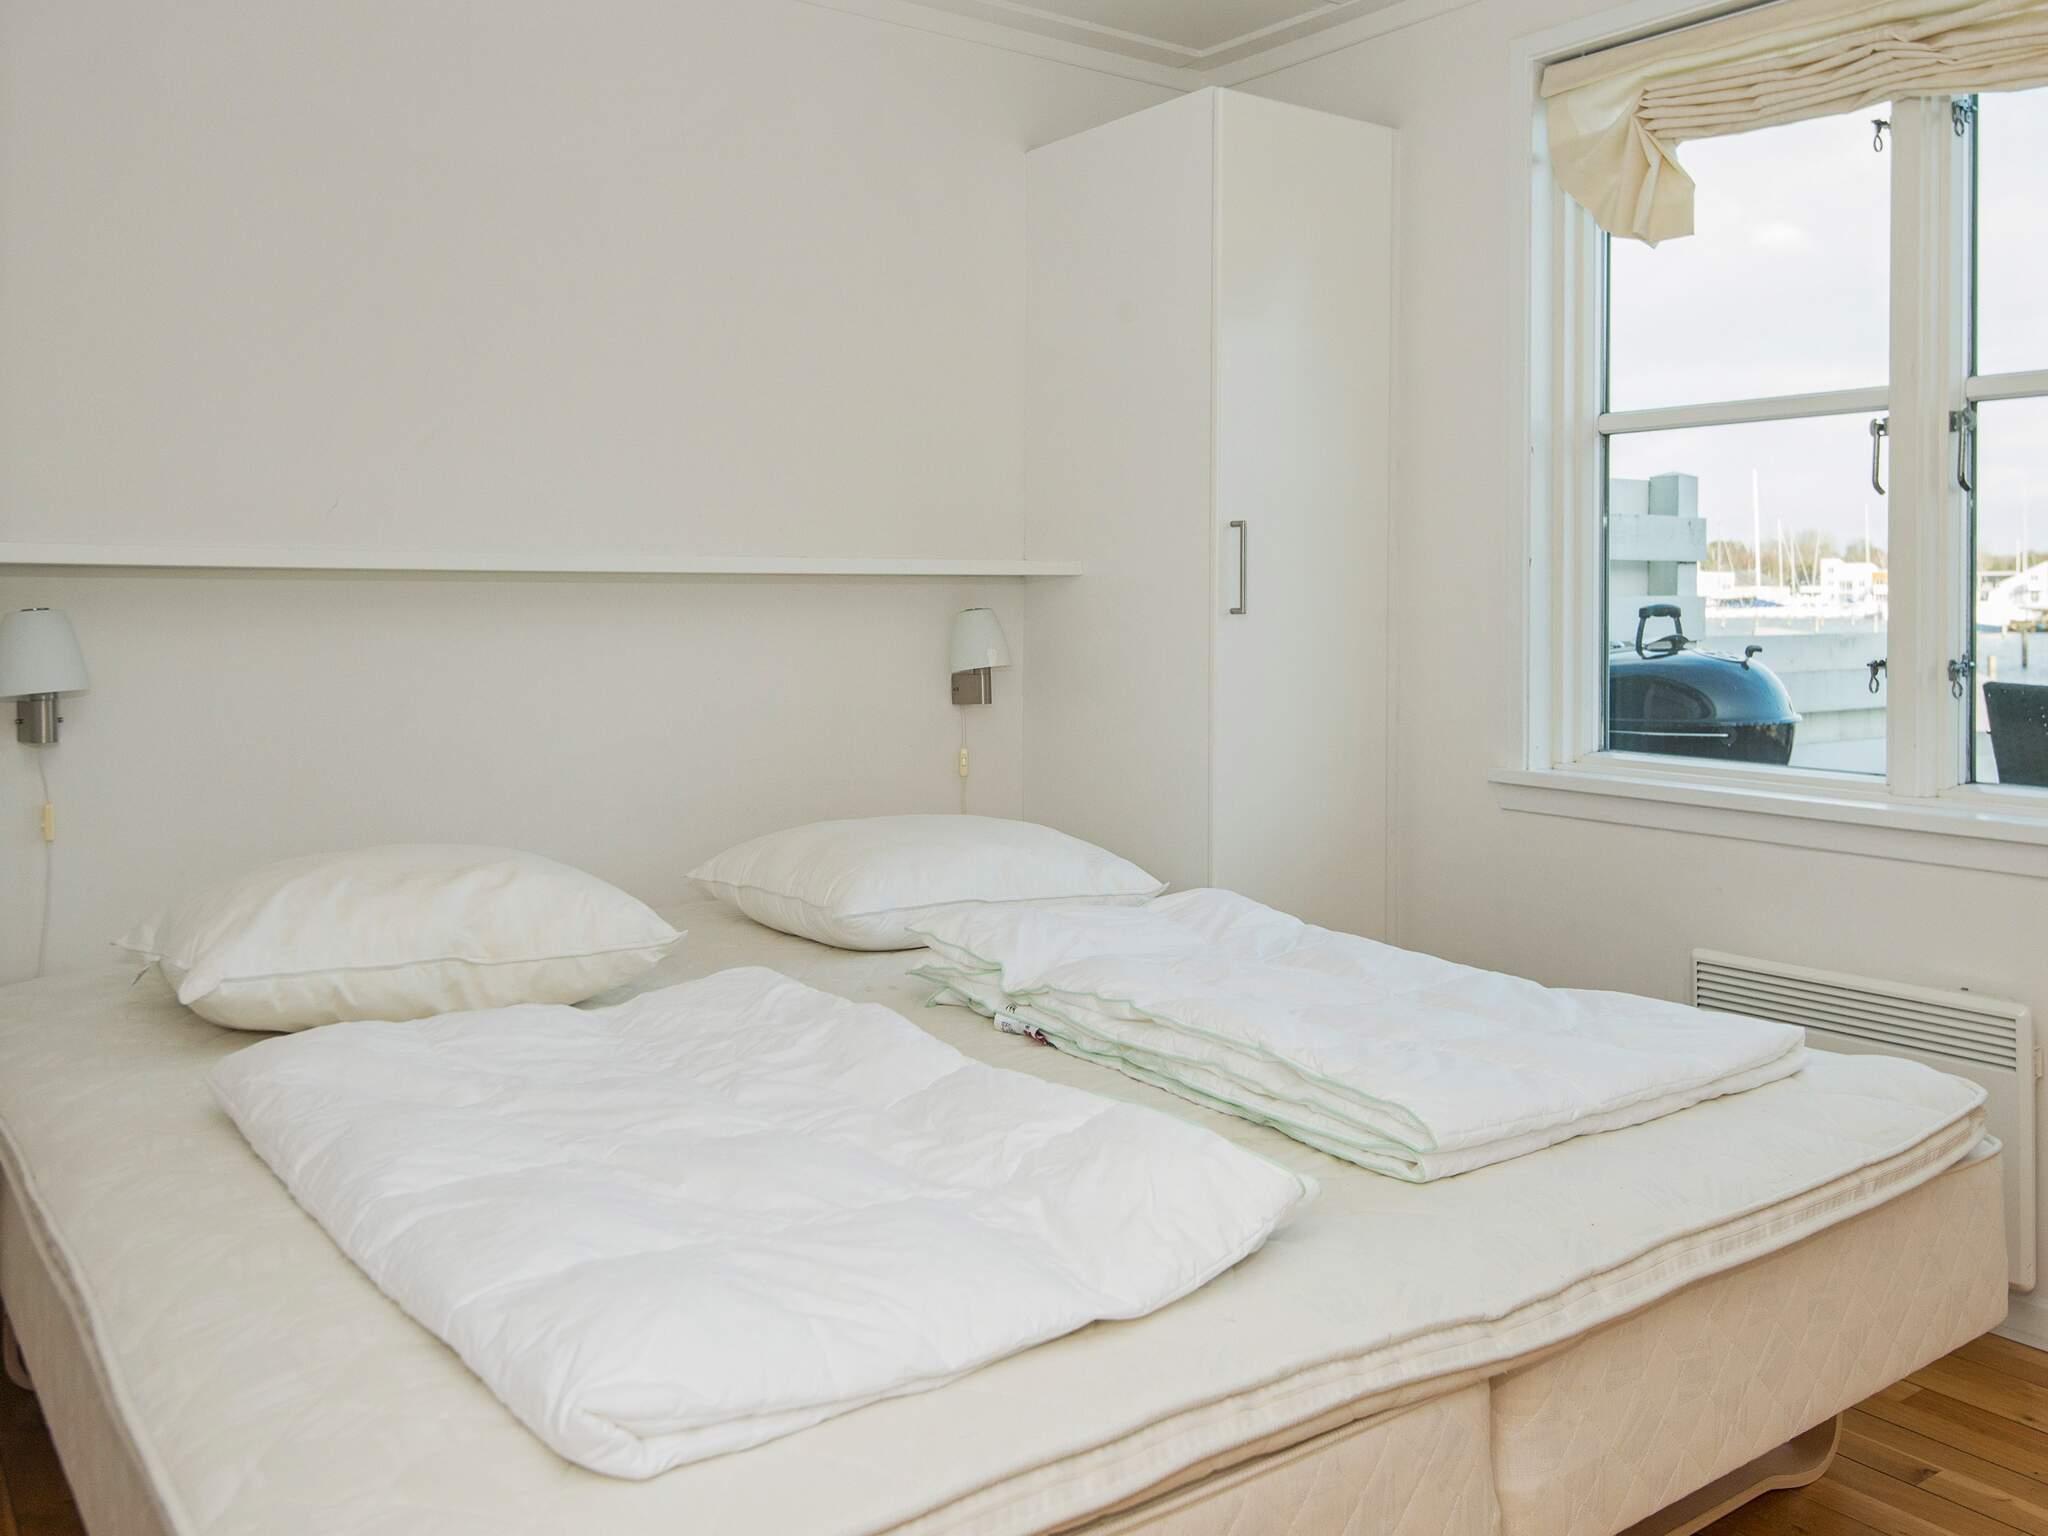 Ferienwohnung Øer Maritime Ferieby - Typ 3 - 3 Zimmer,Erdgeschoss (1087164), Øerne, , Dänische Ostsee, Dänemark, Bild 9